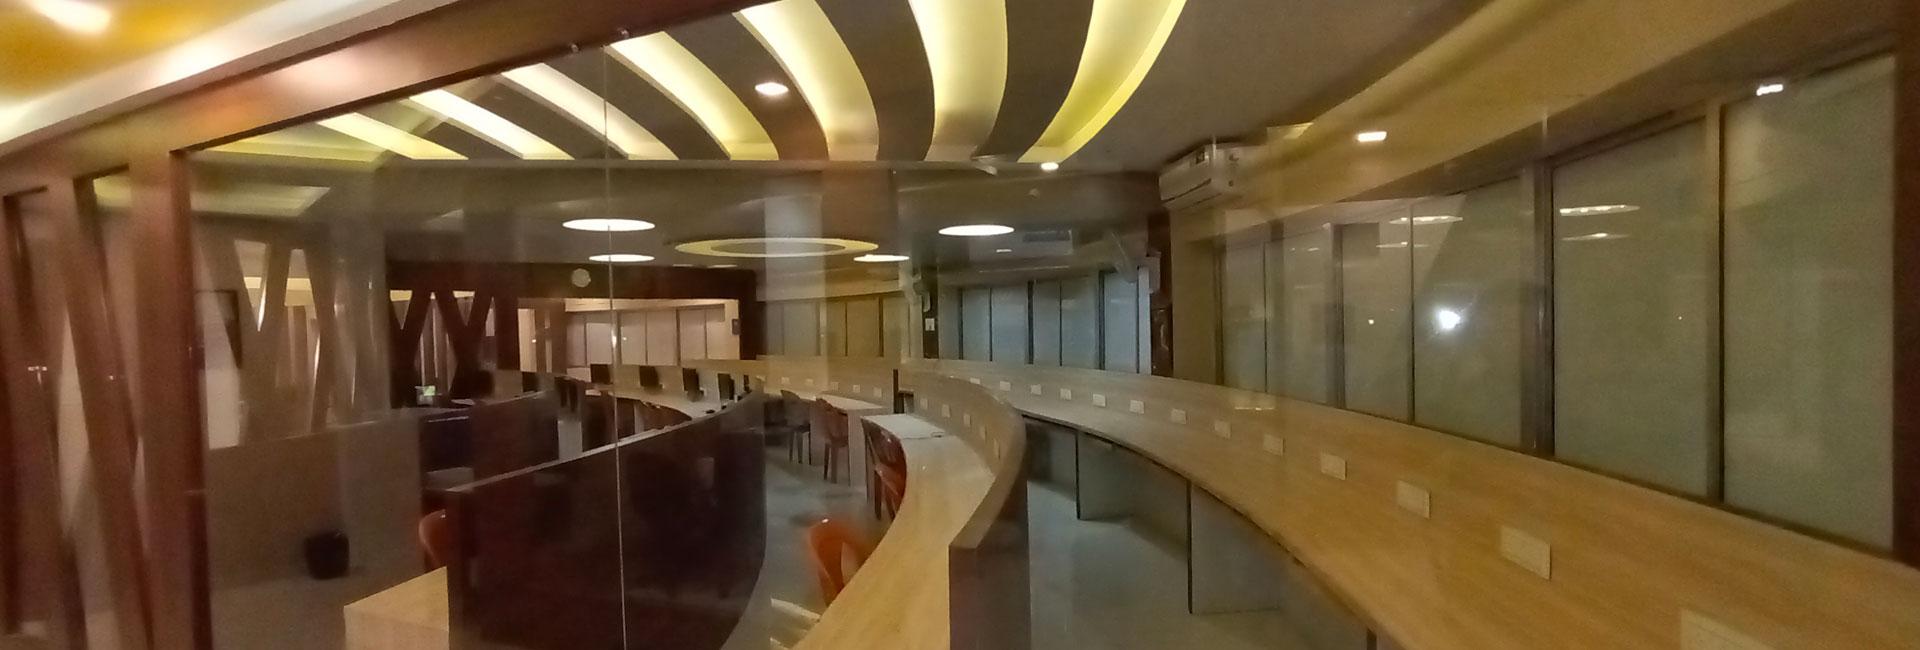 3d Animation Vfx Multimedia Courses Graphic Design Animation Training Institute In Kolhapur